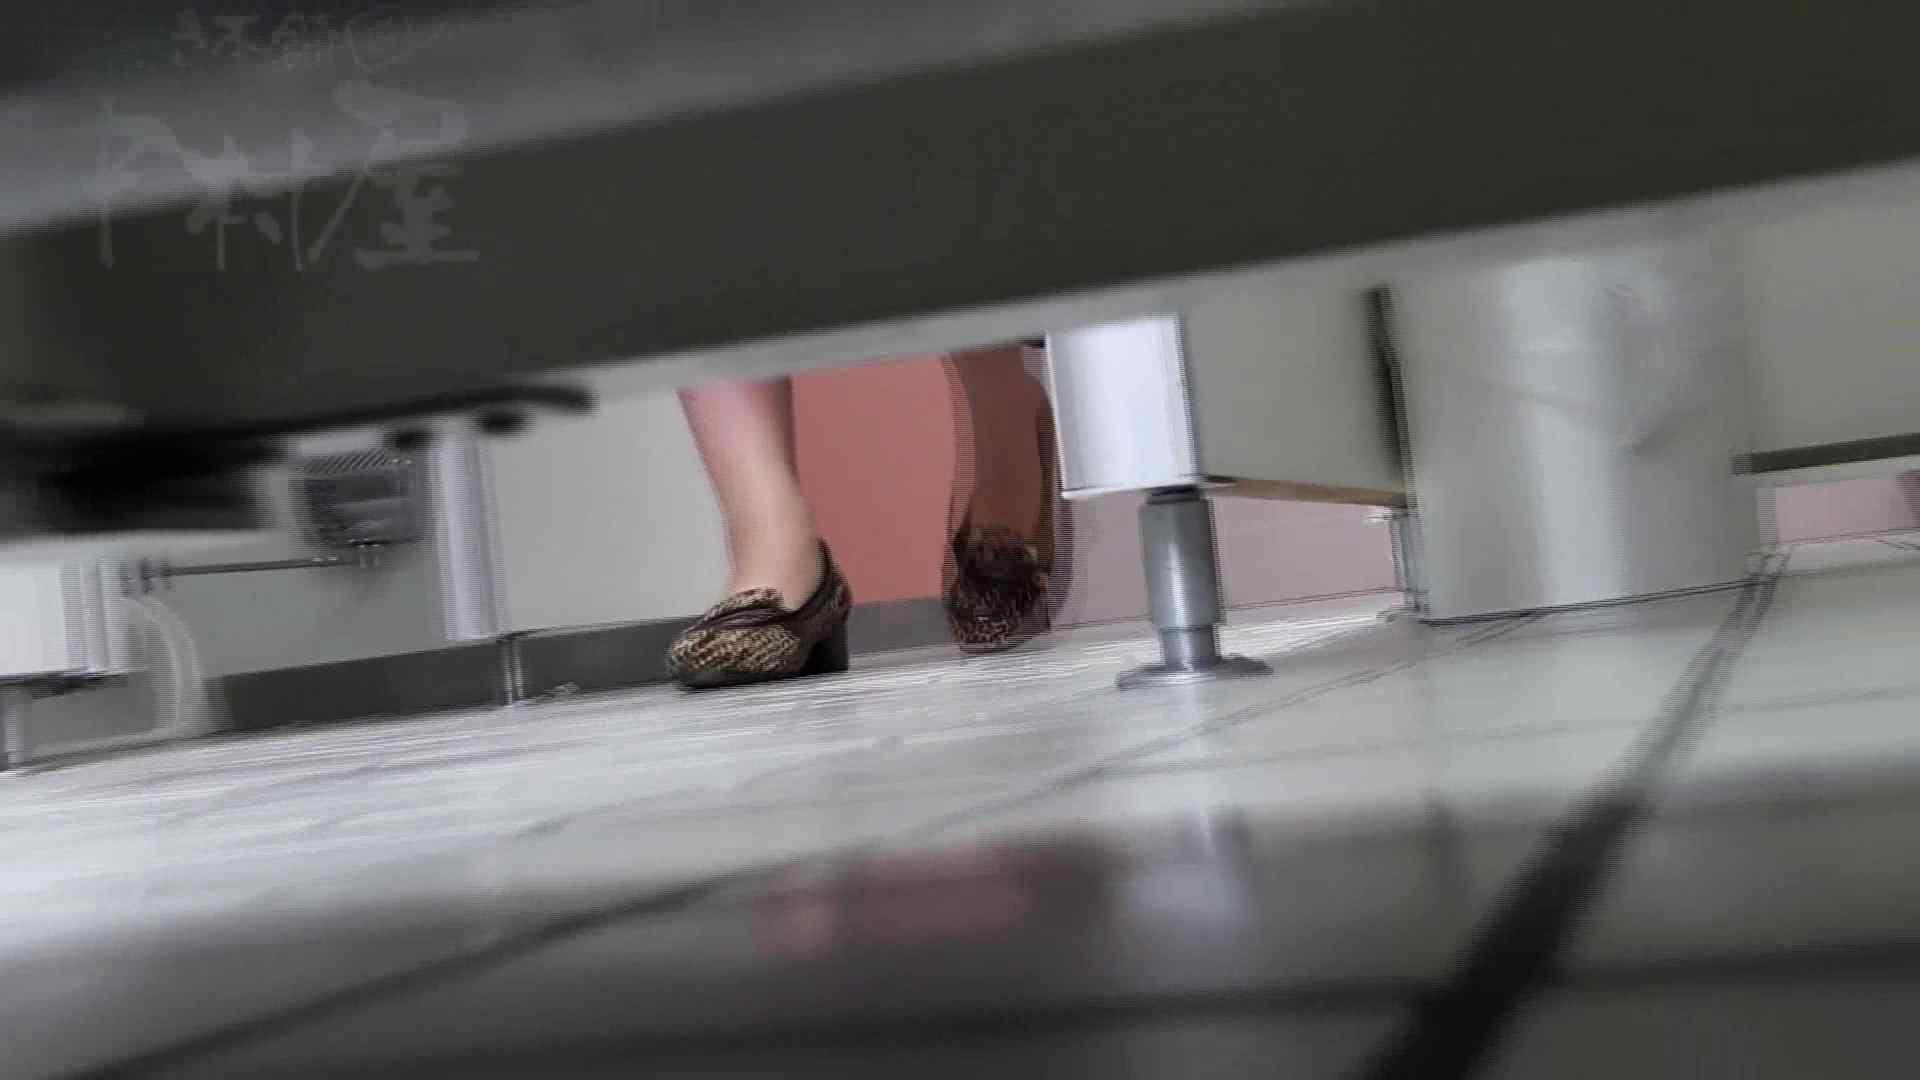 美しい日本の未来 No.29 豹柄サンダルはイ更●気味??? トイレ 盗み撮り動画キャプチャ 111連発 104